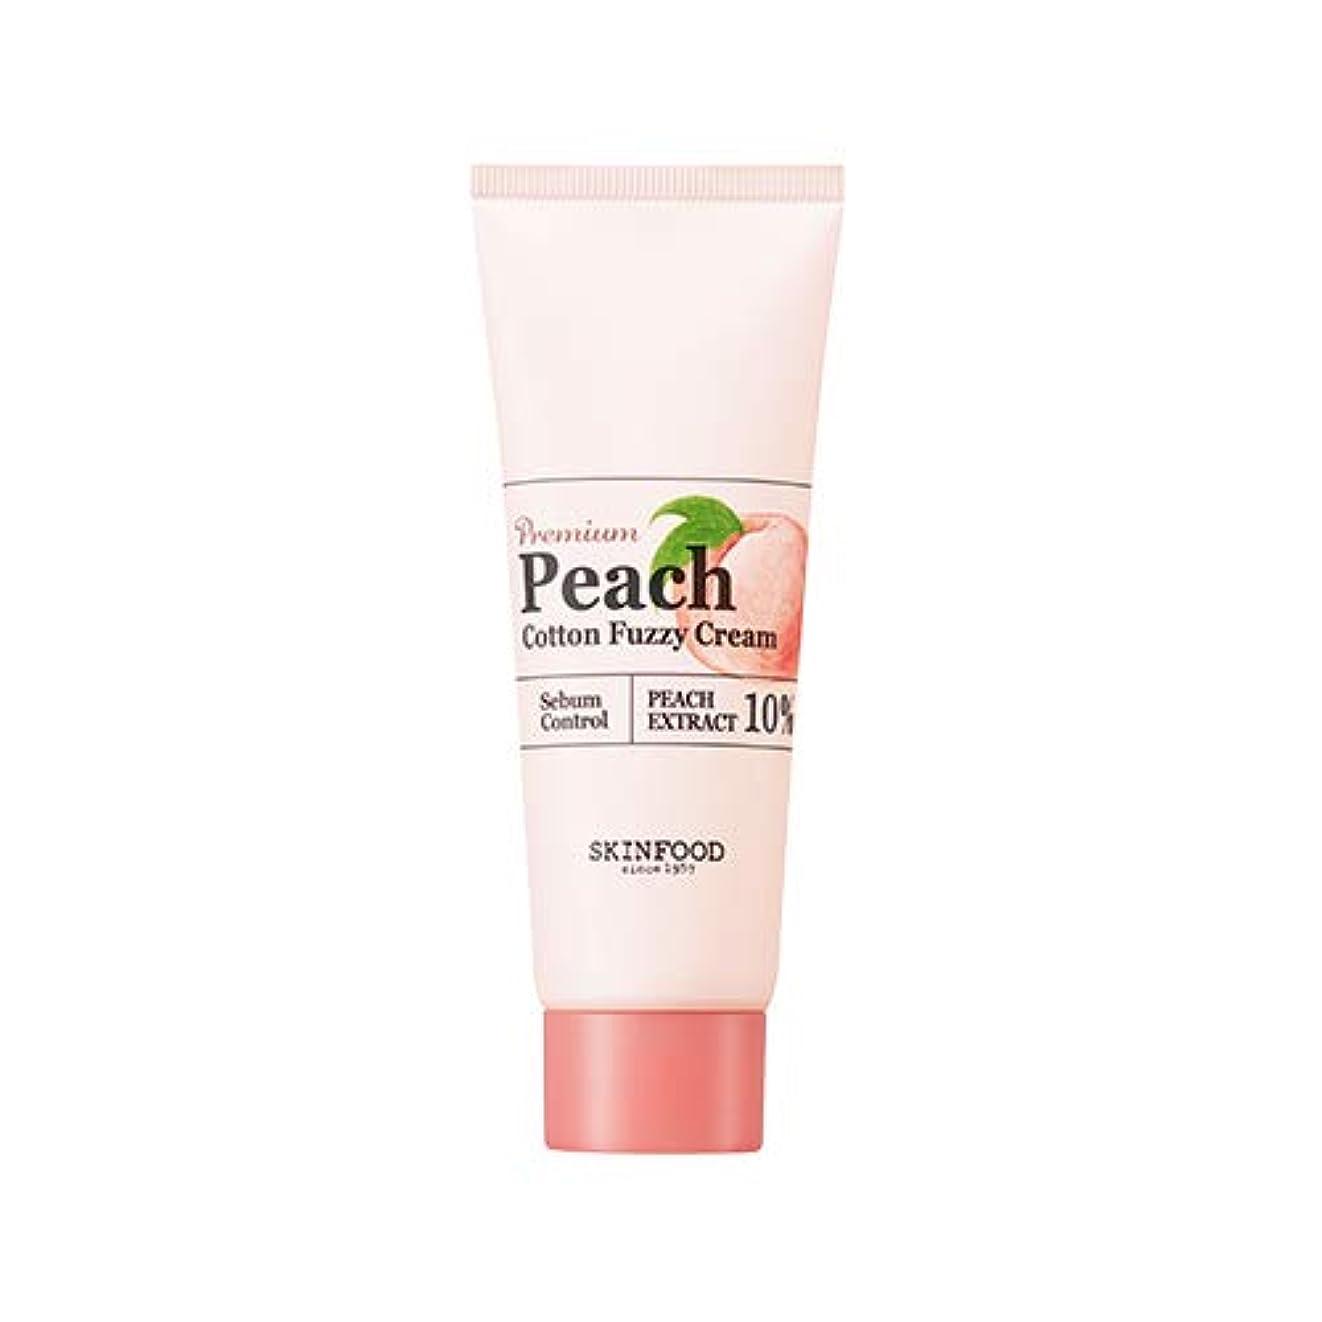 本会議バンケット応じるSkinfood プレミアムピーチコットンファジークリーム/Premium Peach Cotton Fuzzy Cream 65ml [並行輸入品]